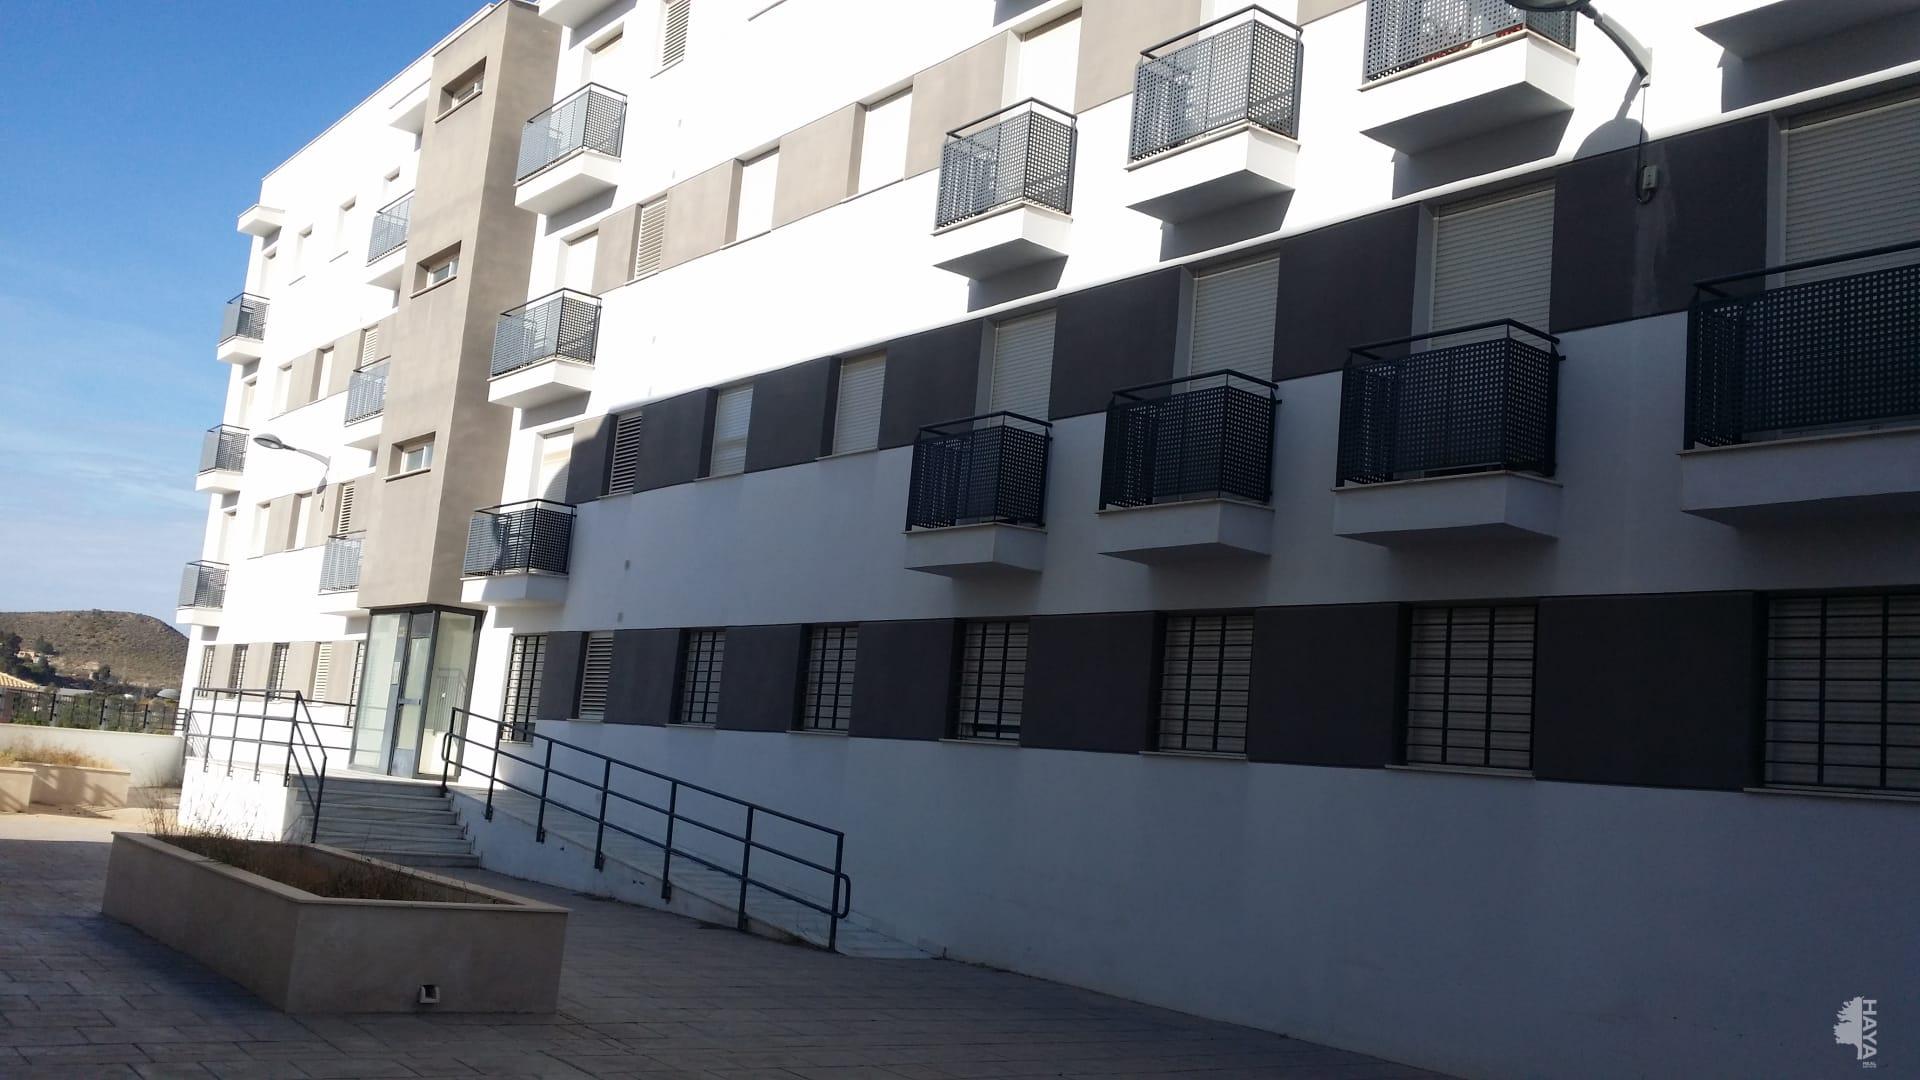 Piso en venta en Huitar Mayor, Olula del Río, Almería, Calle Alta, 68.900 €, 3 habitaciones, 1 baño, 89 m2